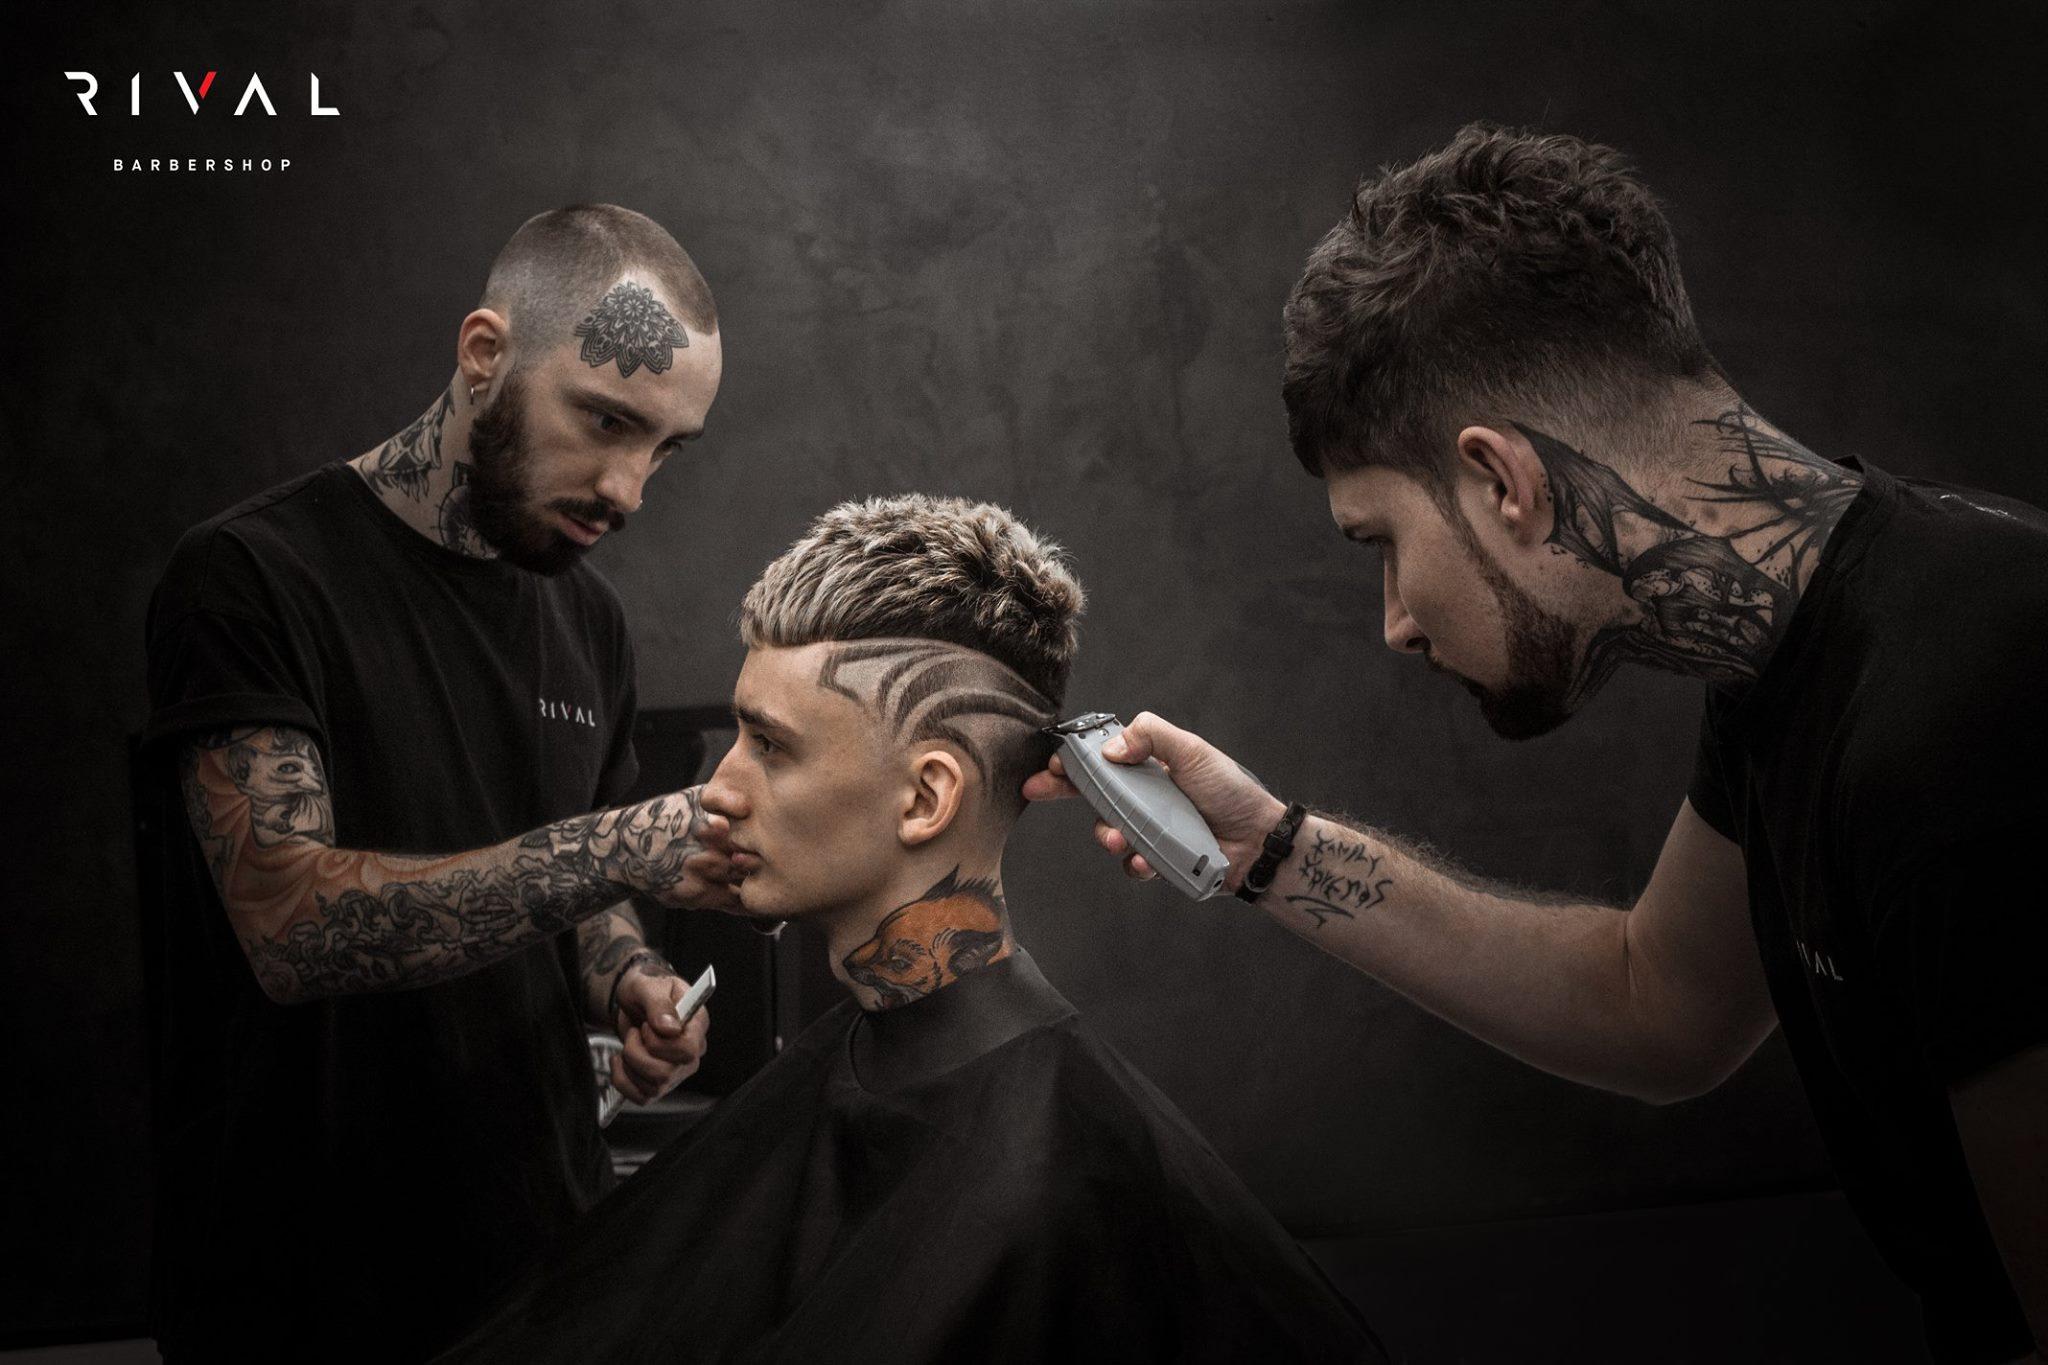 Due dei Rival Barbershop all'opera nell'interpretazione di un taglio moderno